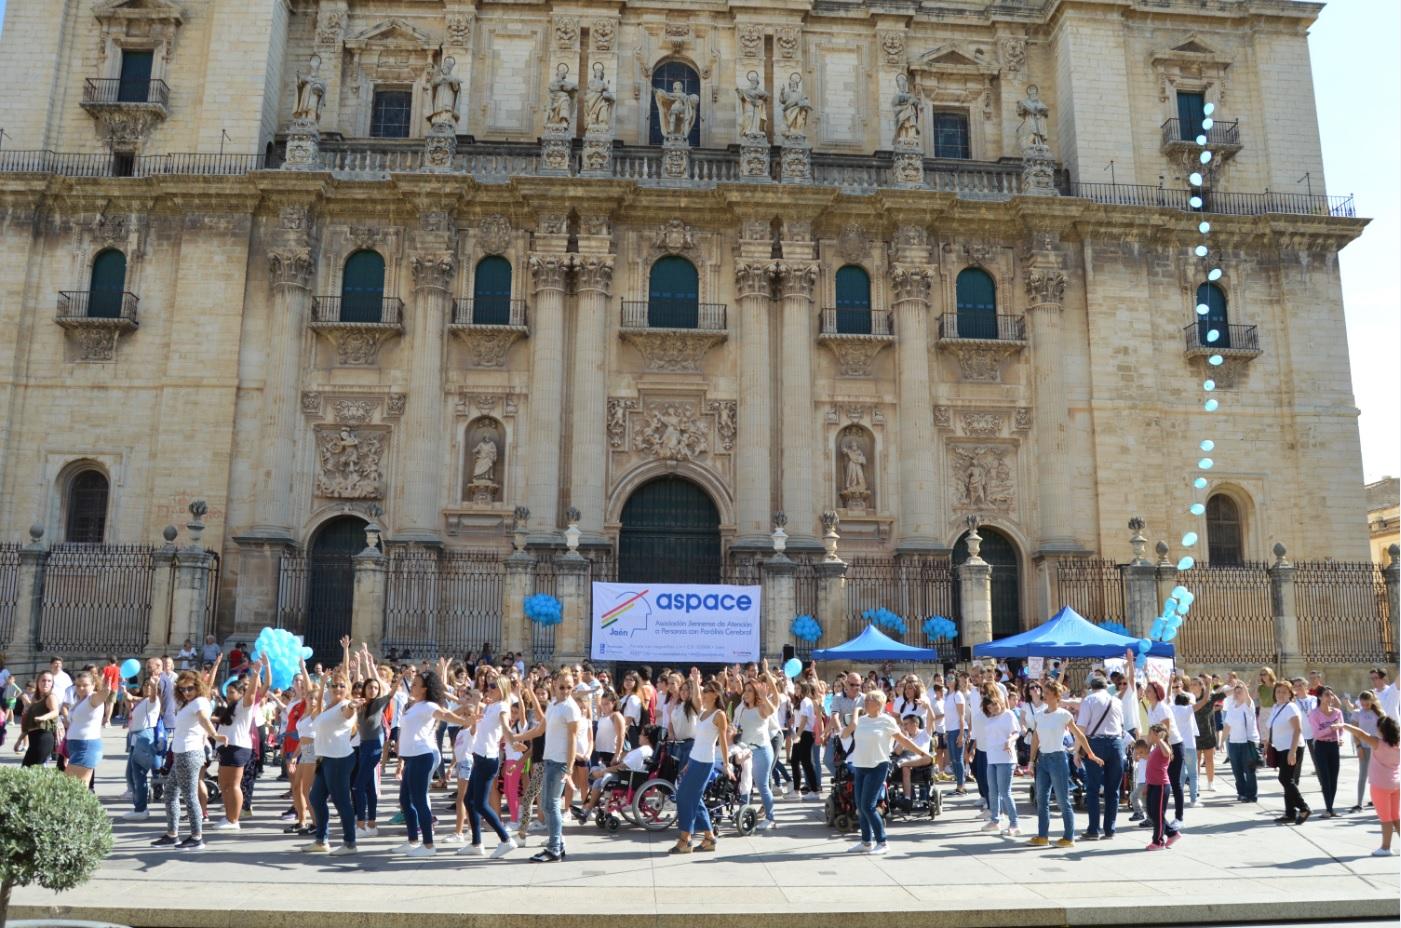 Aspace Jaén celebró el Día Mundial de la Parálisis Cerebral en un ambiente festivo